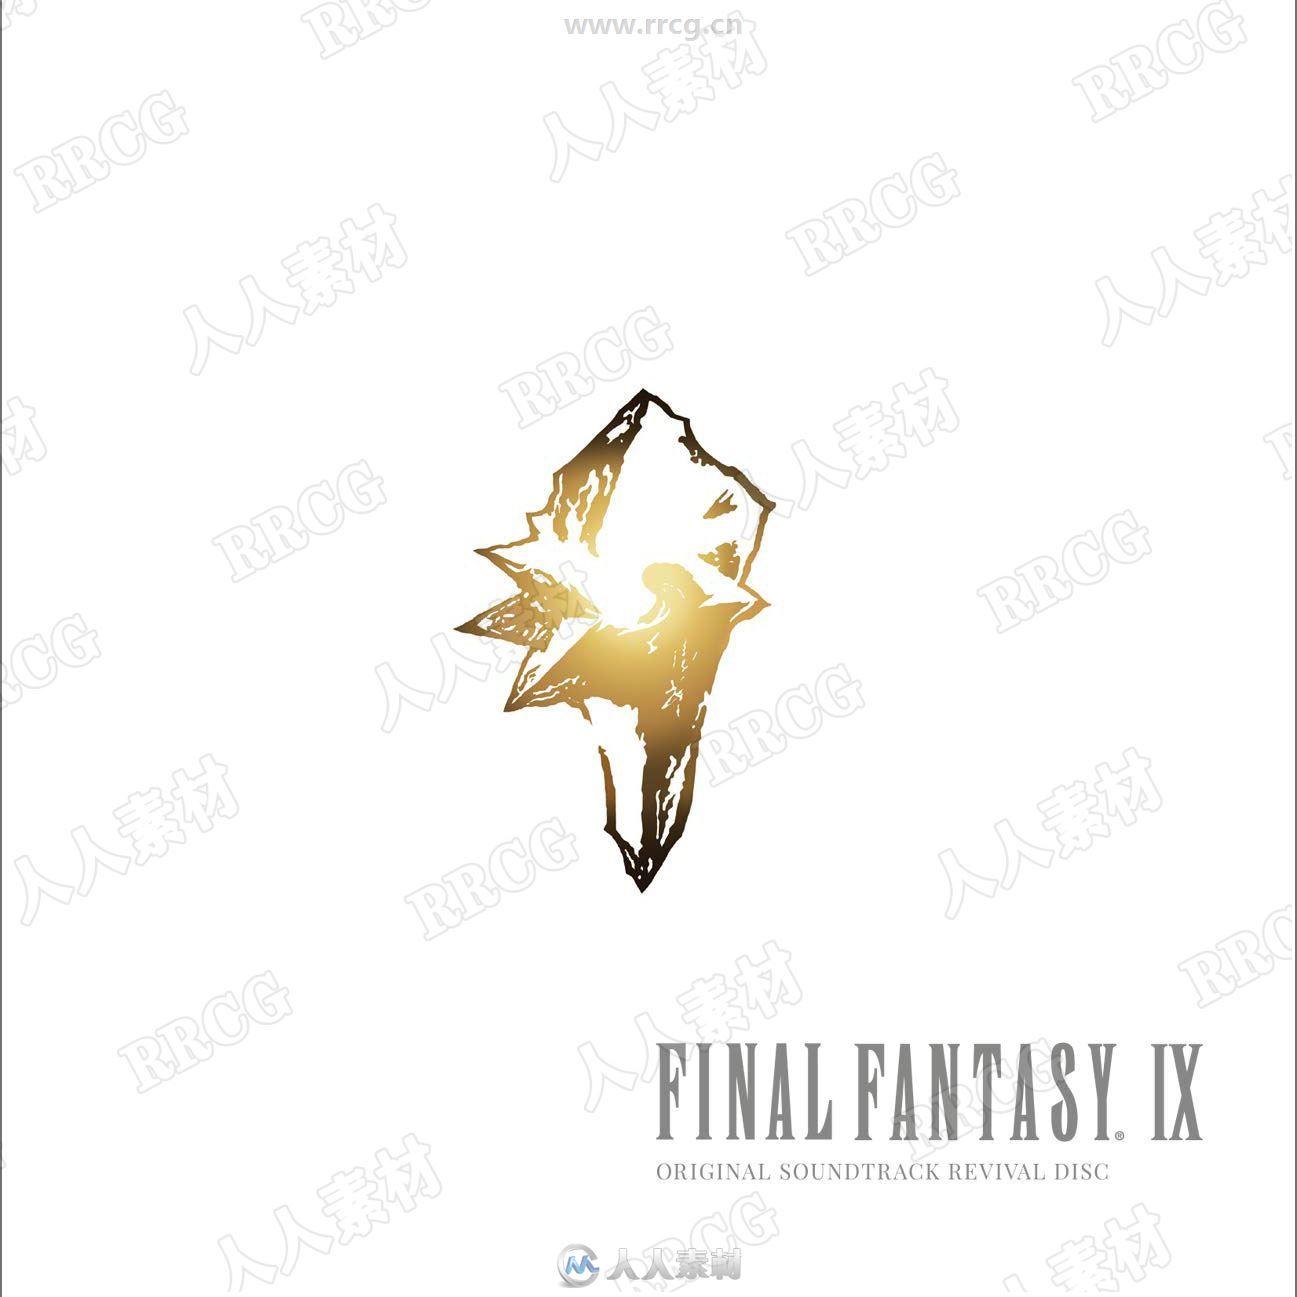 最终幻想9游戏配乐原声大碟OST音乐素材合集